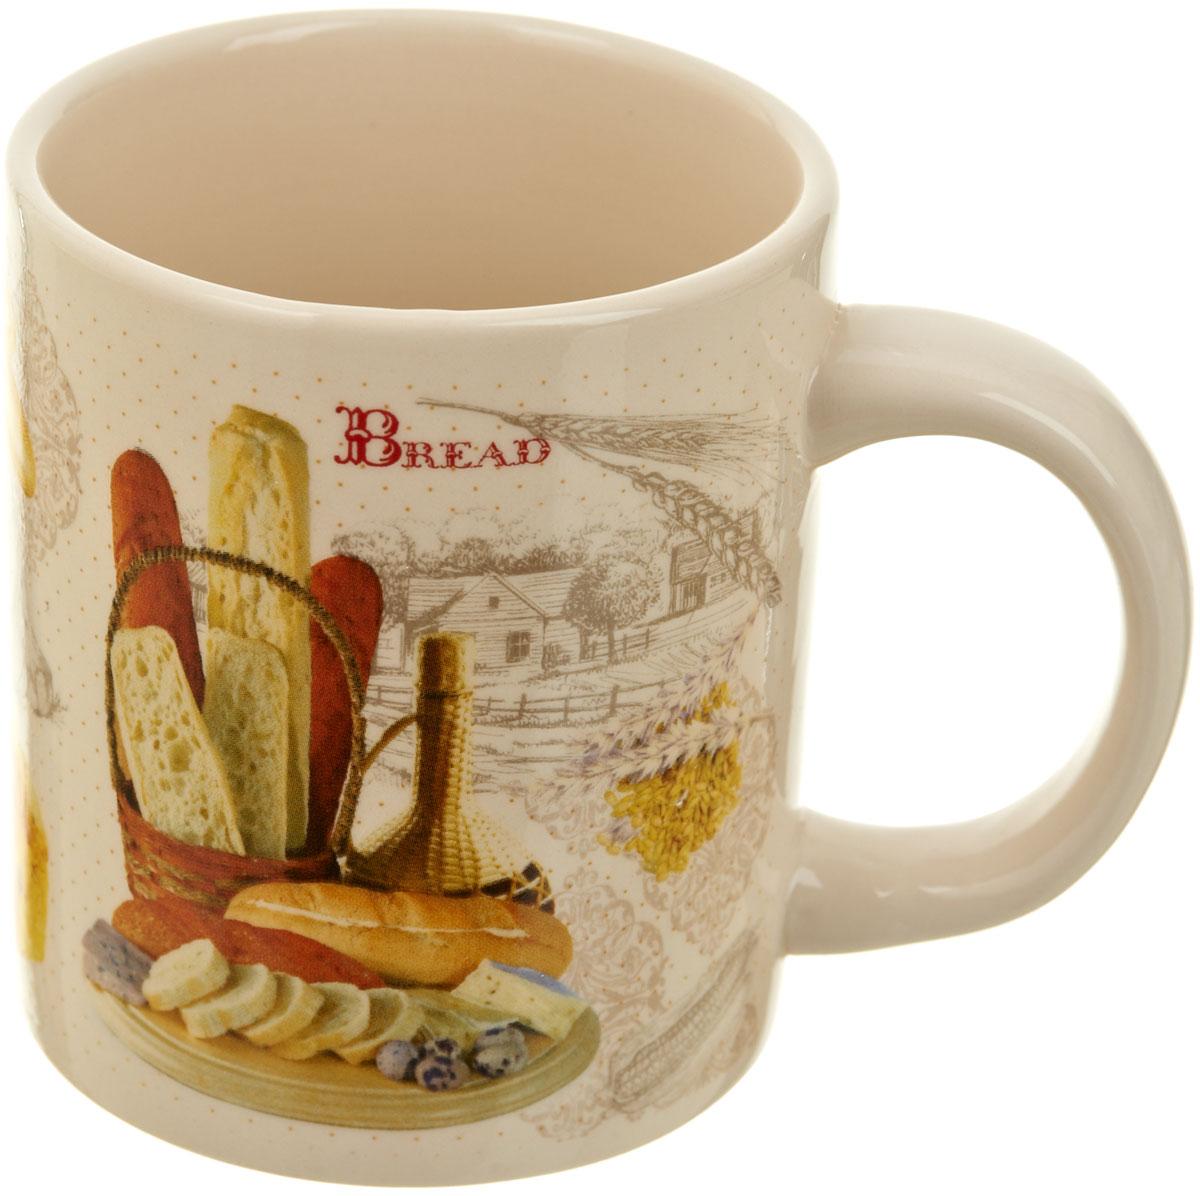 Кружка Polystar Хлеб, 300 млVT-1520(SR)Кружка Хлеб, выполненная из высококачественной керамики, украшена рисунком. Изделие оснащено удобной ручкой. Кружка сочетает в себе оригинальный дизайн и функциональность. Благодаря такой кружке пить напитки будет еще вкуснее.